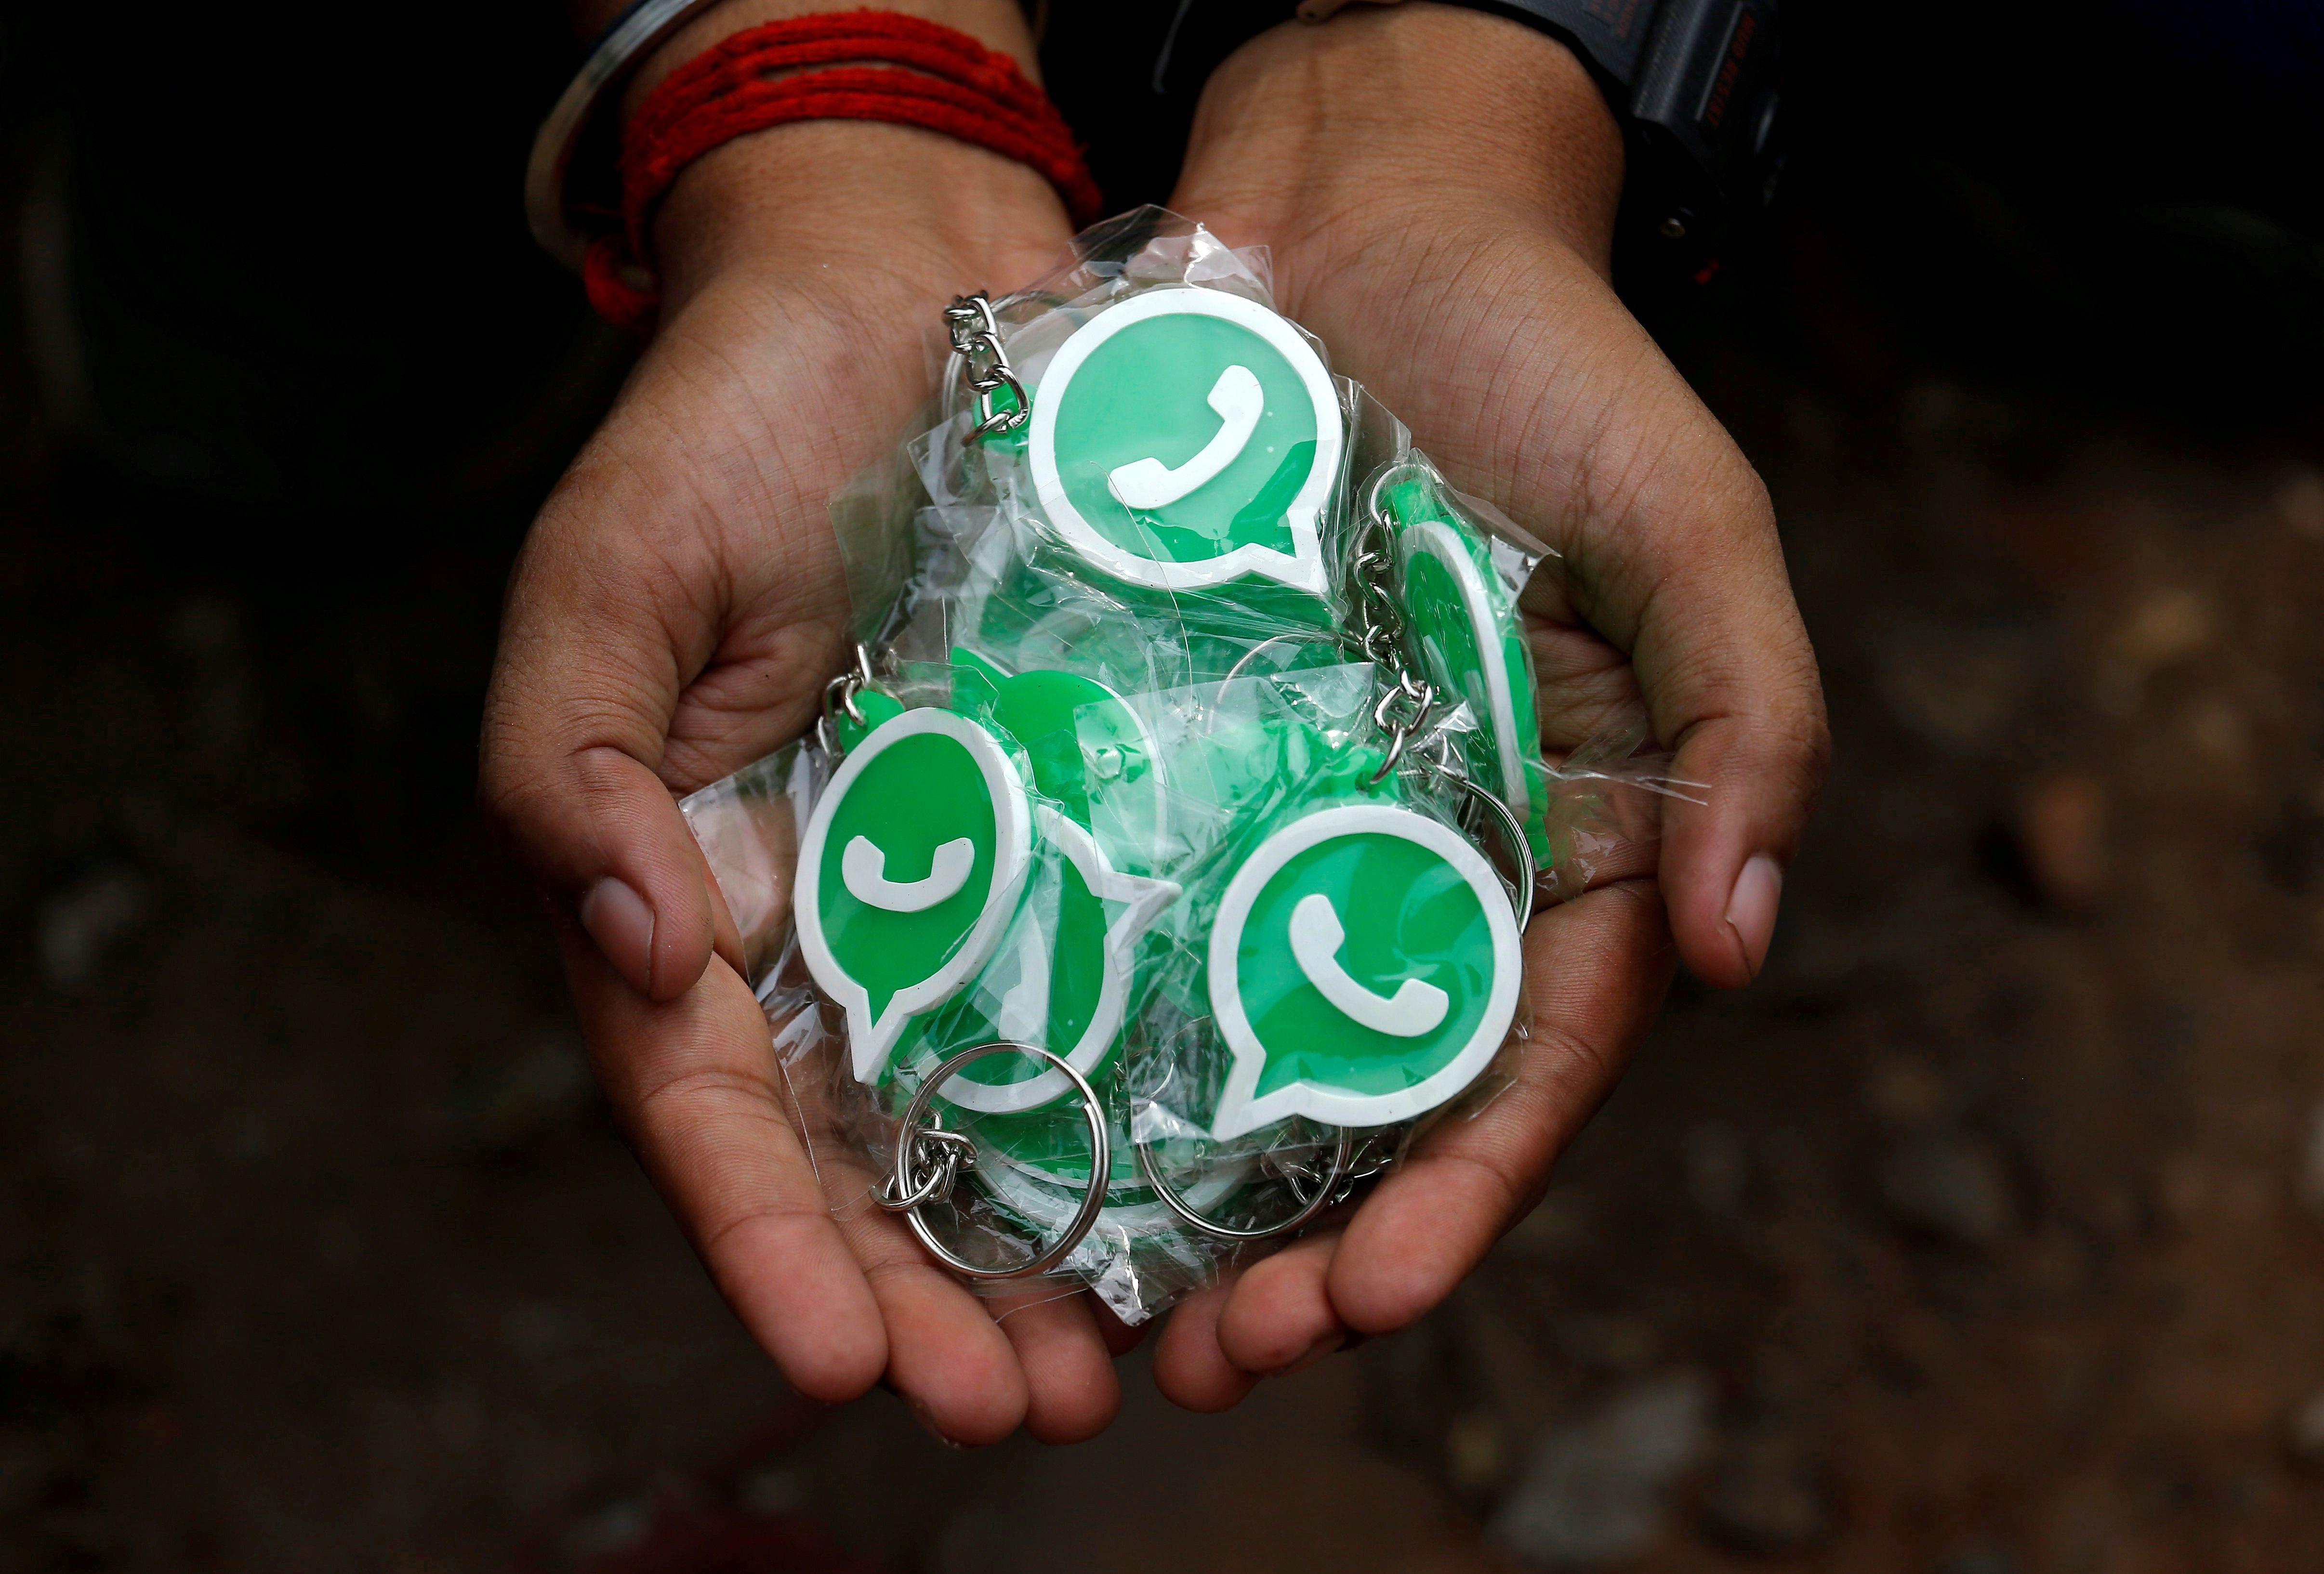 La nueva política de uso de WhatsApp comenzó a regir el 15 de mayo (REUTERS/Rupak De Chowdhuri/File Photo)